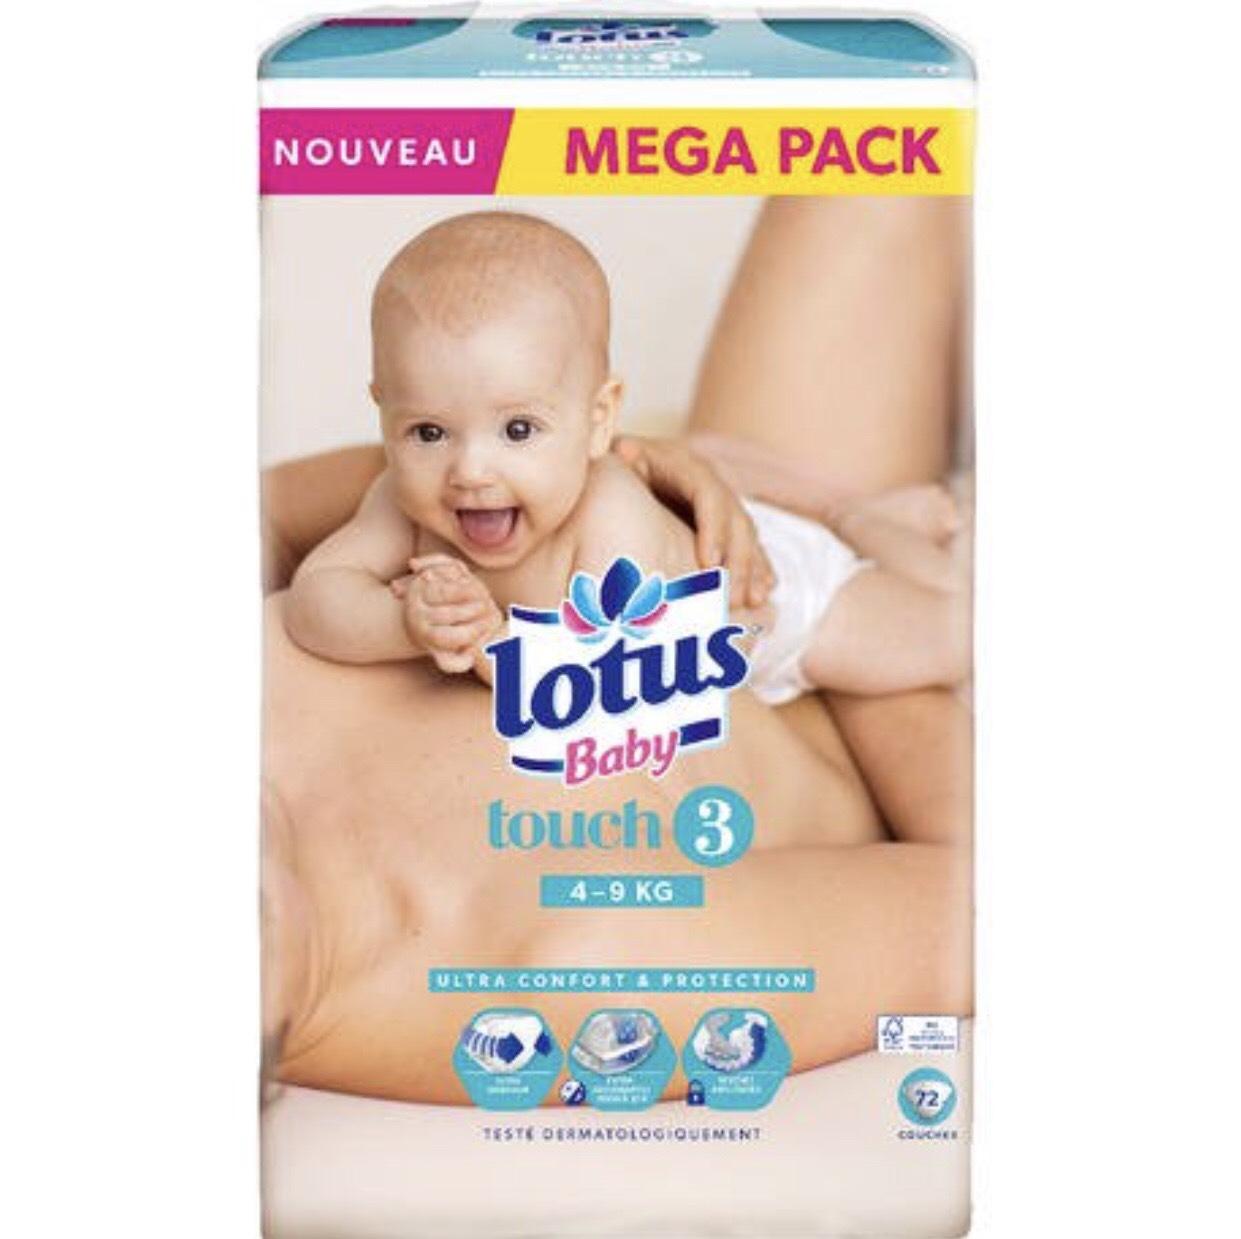 Paquet de couches Lotus Baby Natural Touch (différentes quantités et tailles) - Sarrebourg (57)